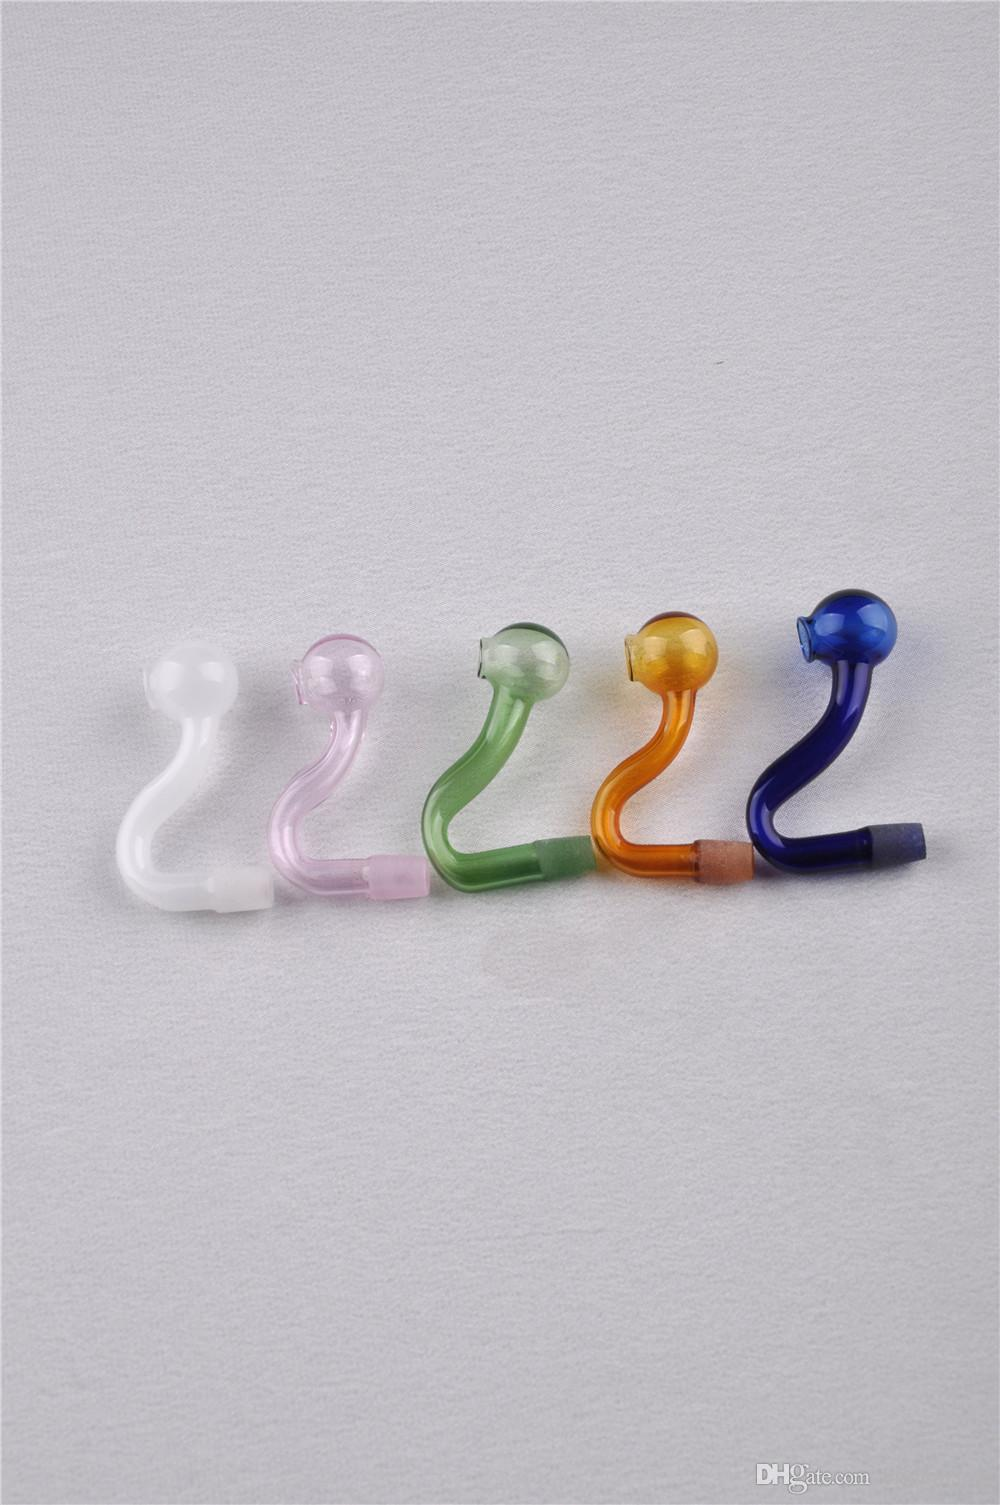 2020 heißen Verkauf-buntes gebogenes Rohr Glas Rauchen Bongs Dab Rig Farbige Schüssel Heady Günstige Smoking Pipe Glaspfeife